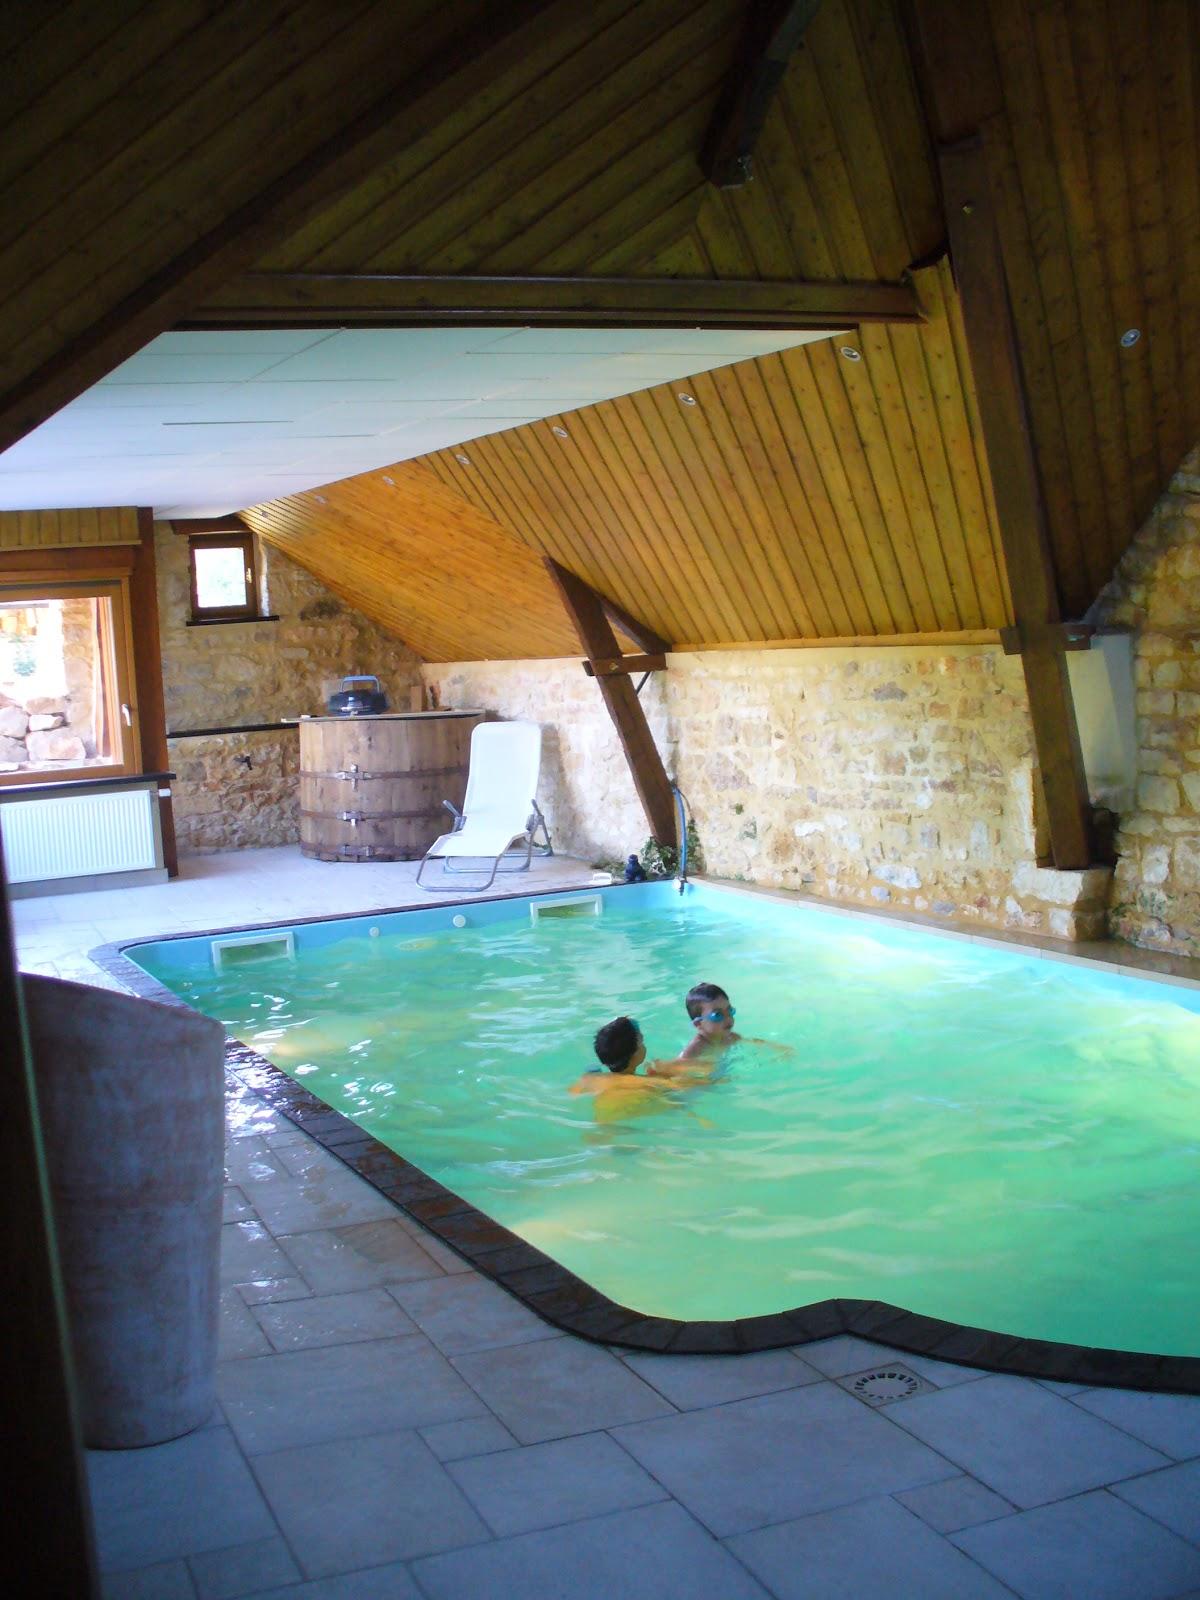 Acasadiclara la casa con la piscina dentro i miss - Piscina in casa ...